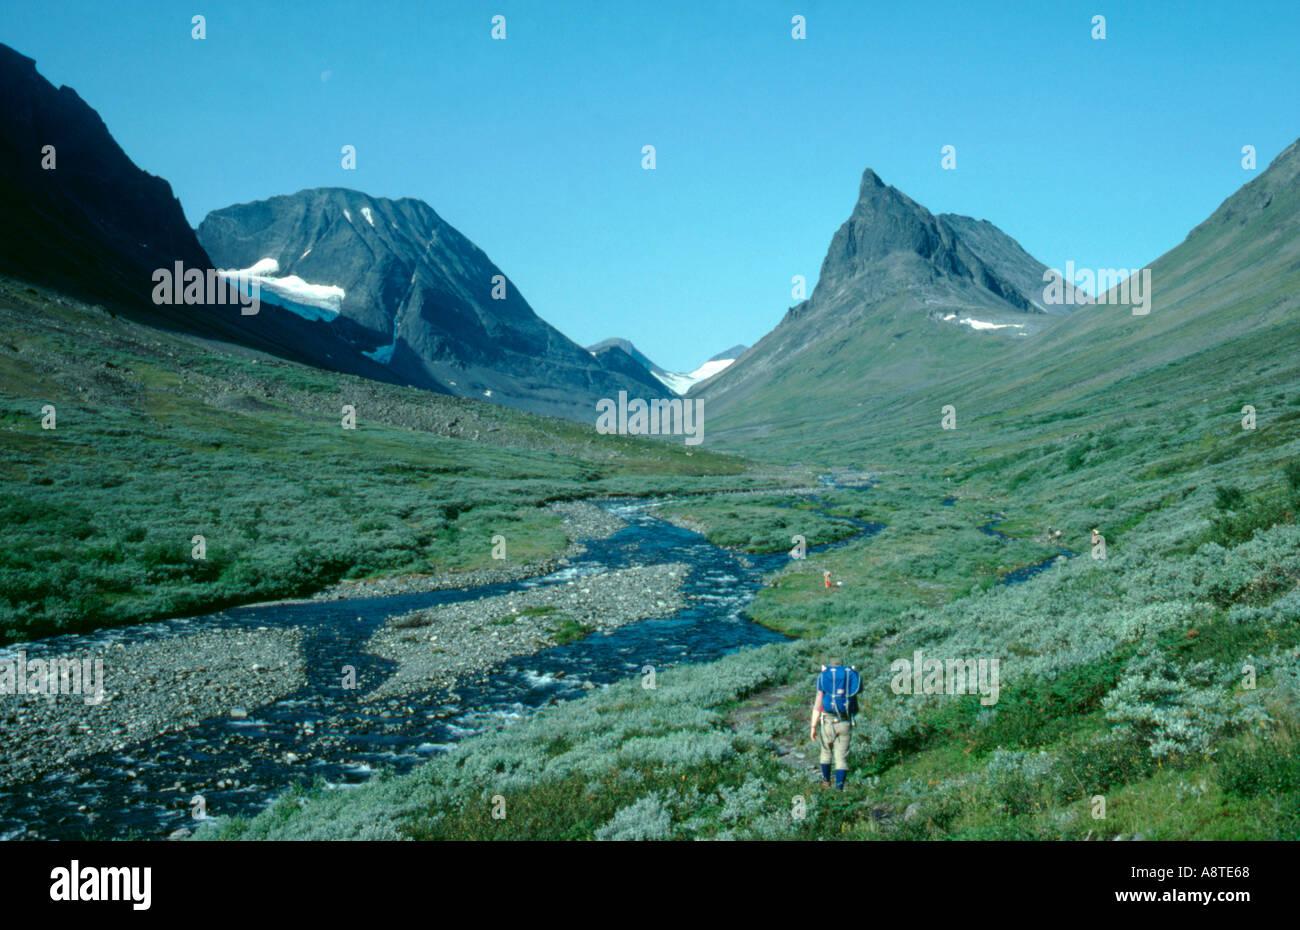 Nallo from Unna Raitavagge valley, Kebnekaise, Lappland, Norrbottens Län, arctic Sweden. Stock Photo